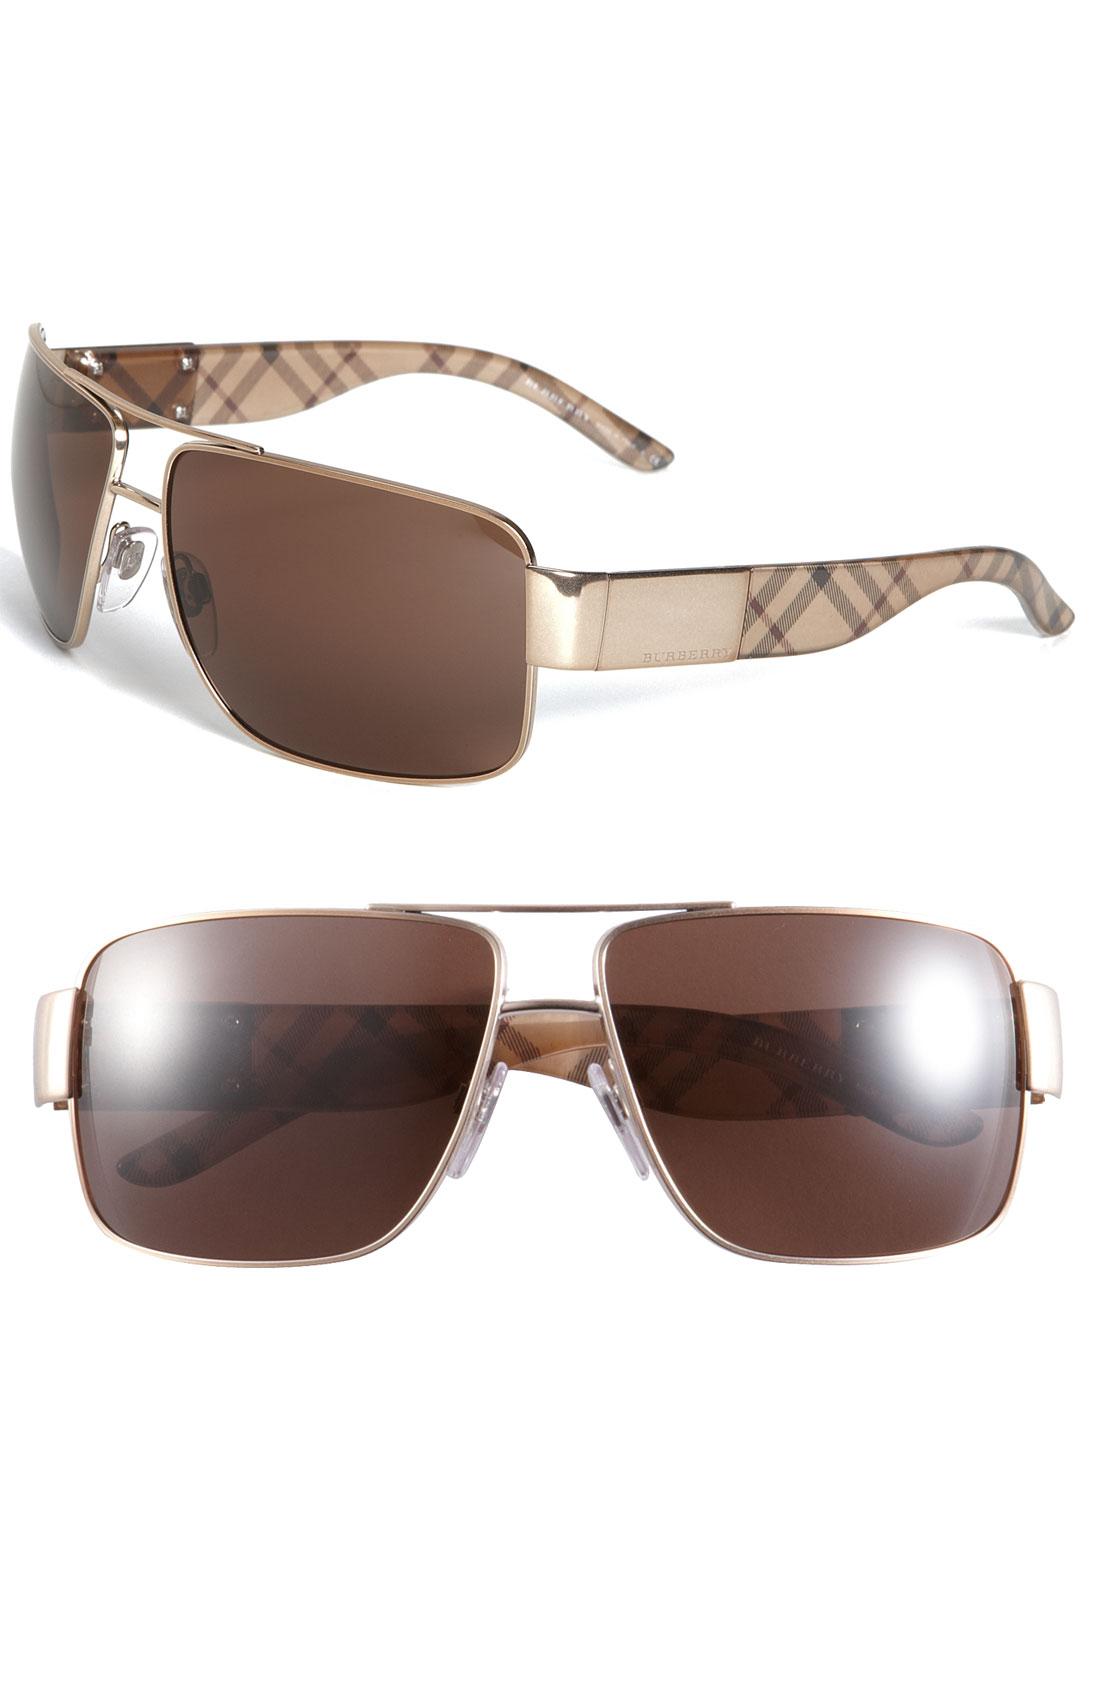 a01173ae6748d Burberry Sunglasses Aviator